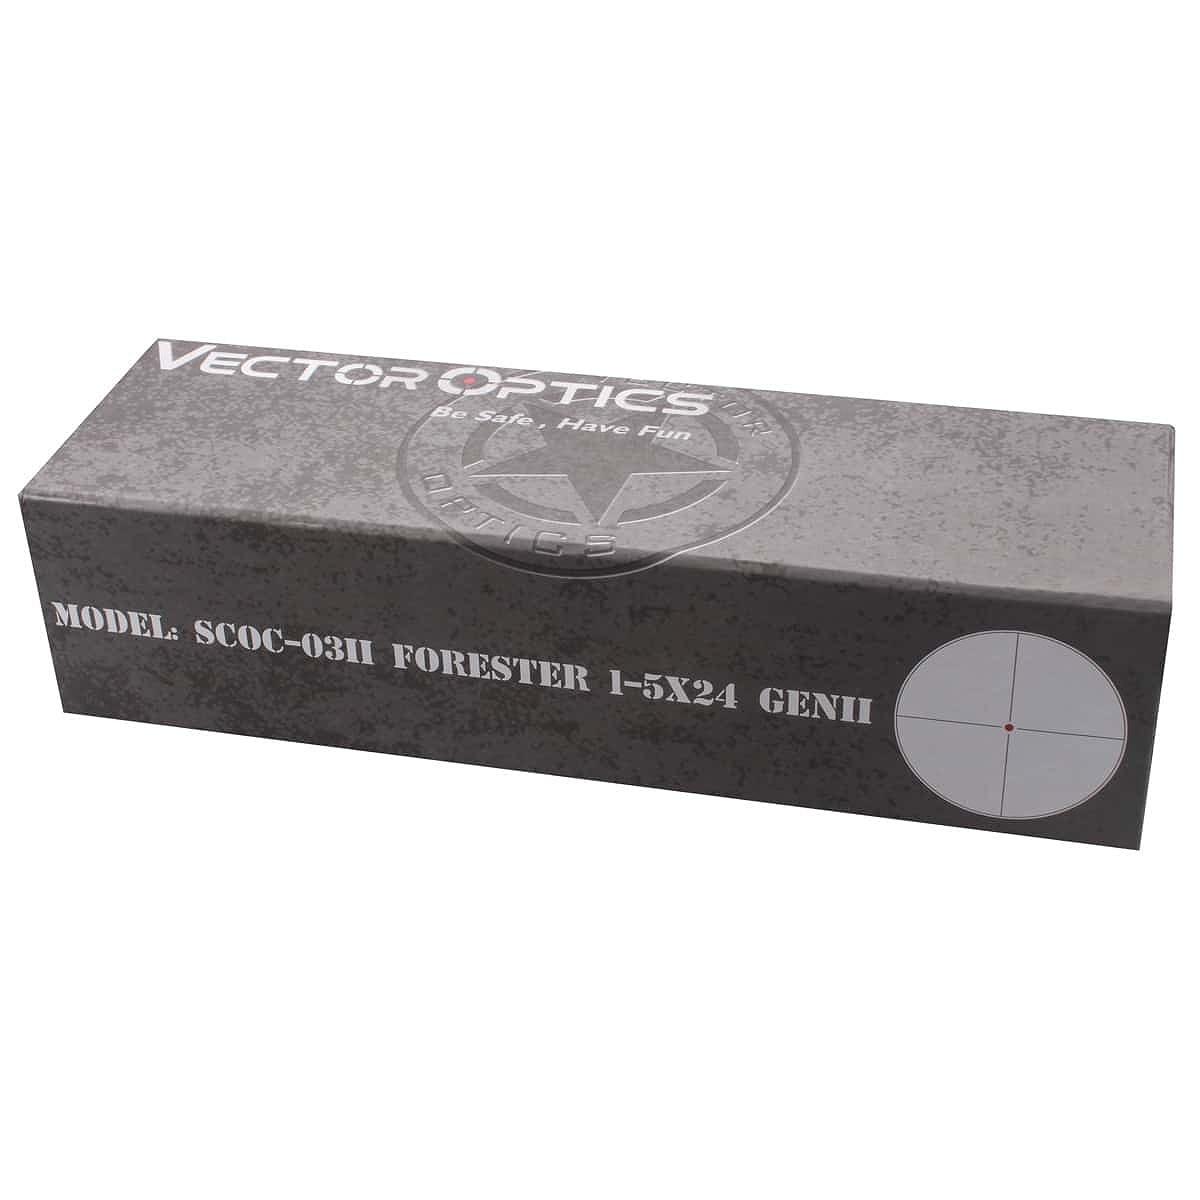 ベクターオプティクス ライフルスコープ フォレスター 1-5x24 GenII  Vector Optics SCOC-03II